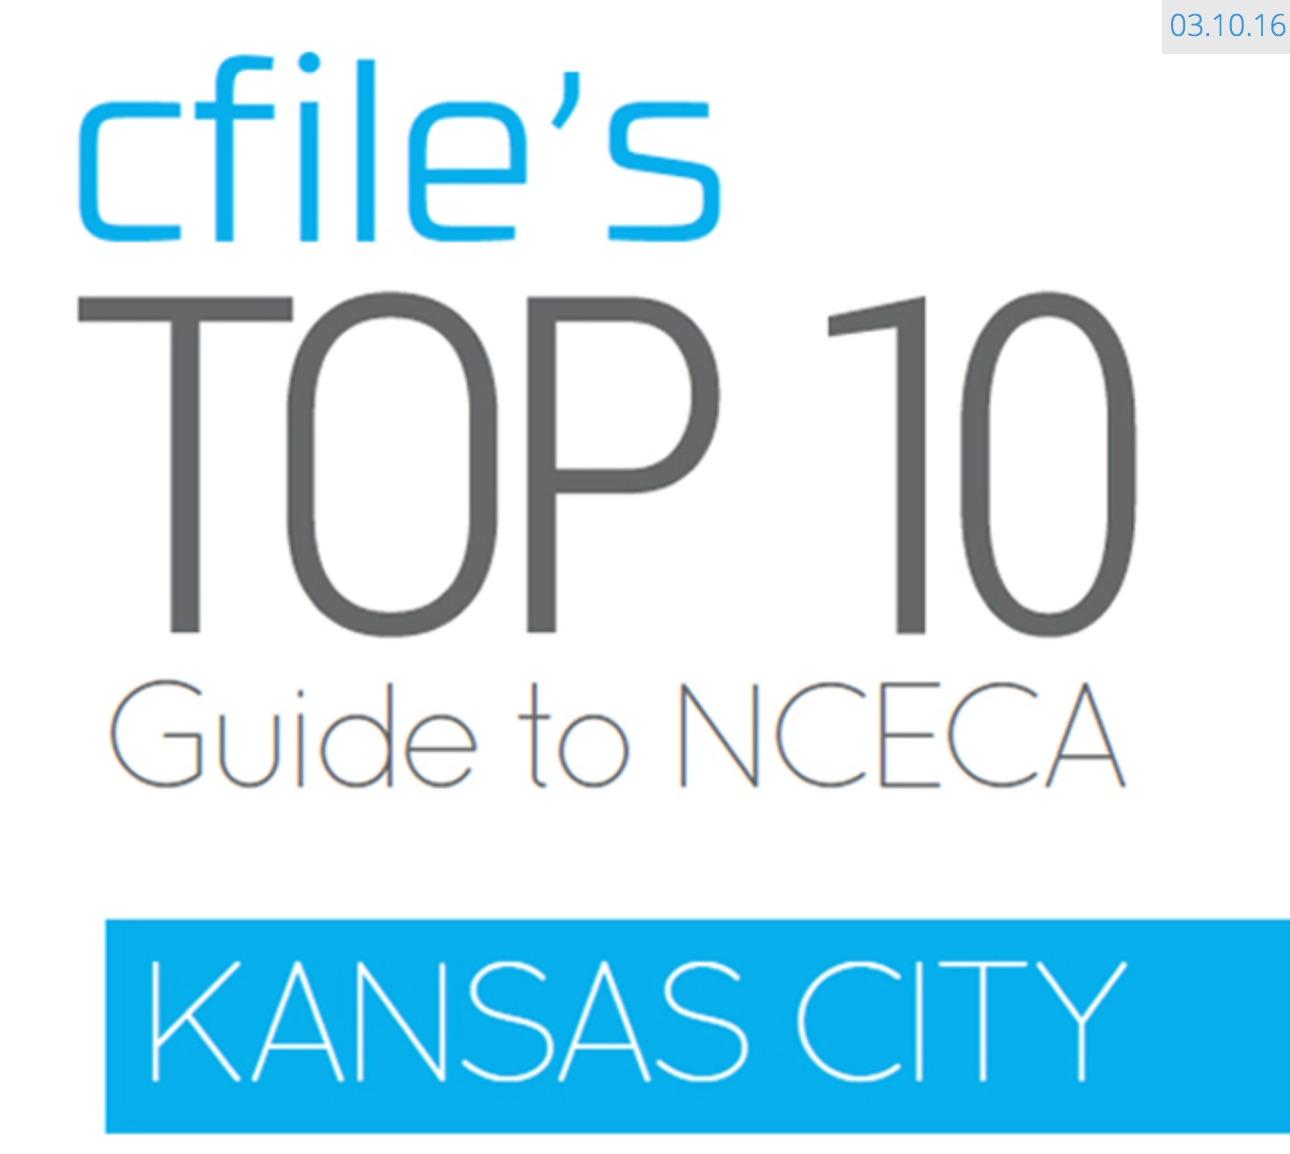 CFile Top 10 NCECA Kansas City